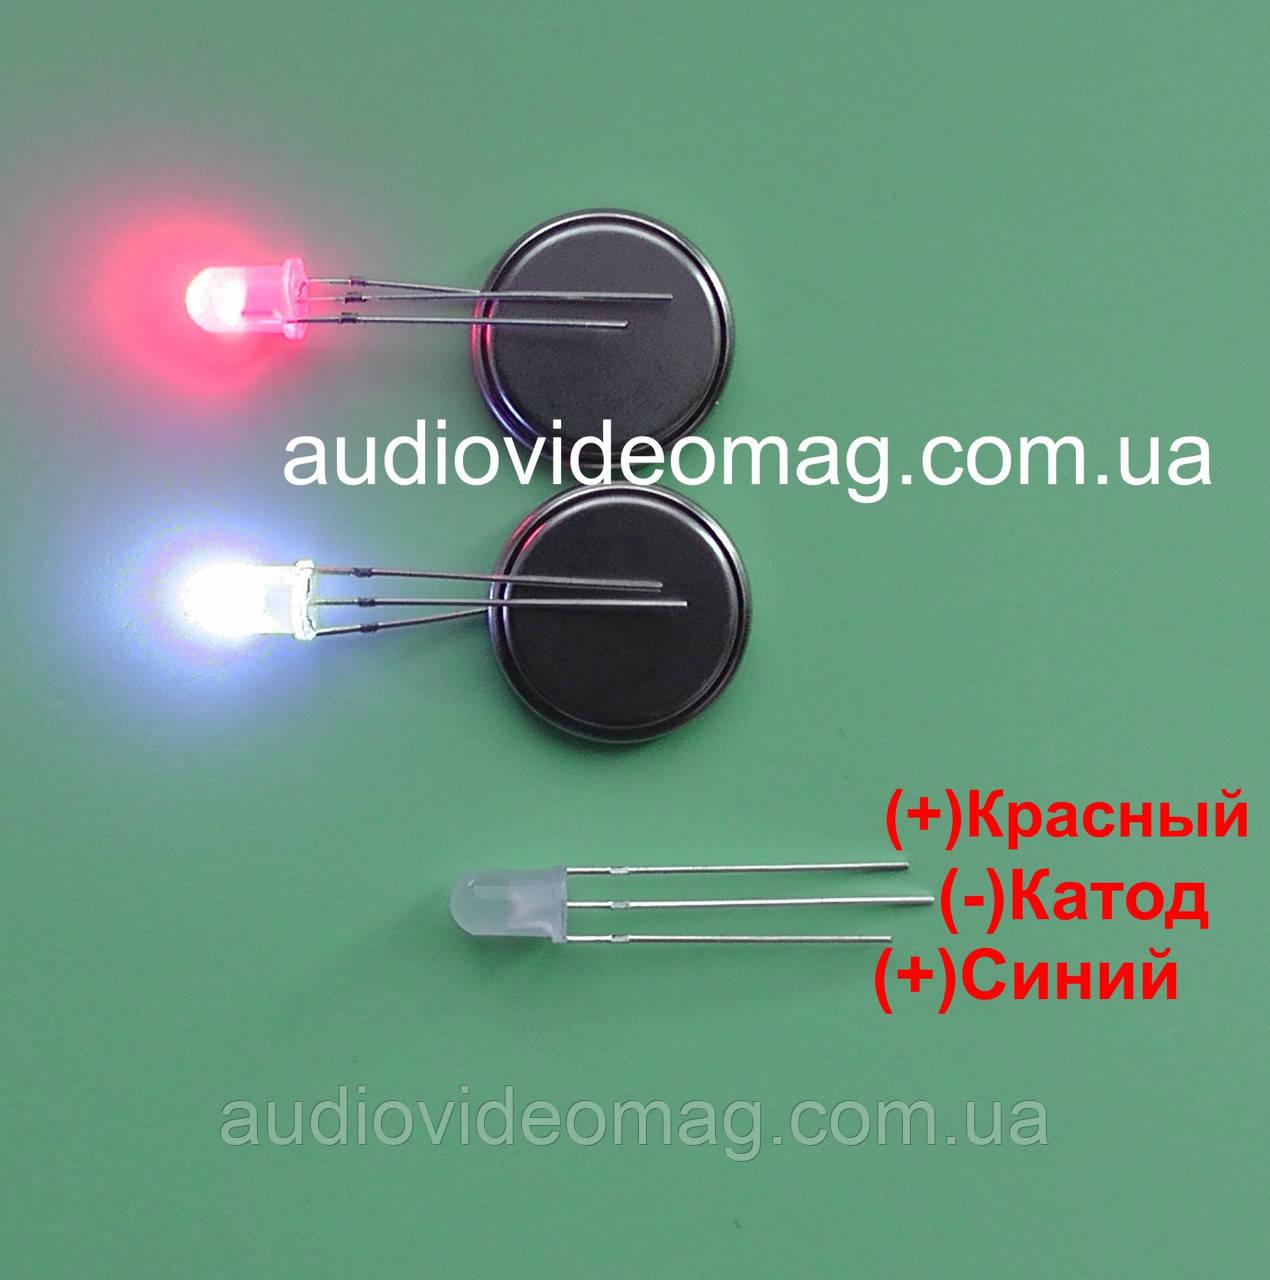 Світлодіод 3V 5 мм з загальним КАТОДОМ, двоколірний, червоний і синій